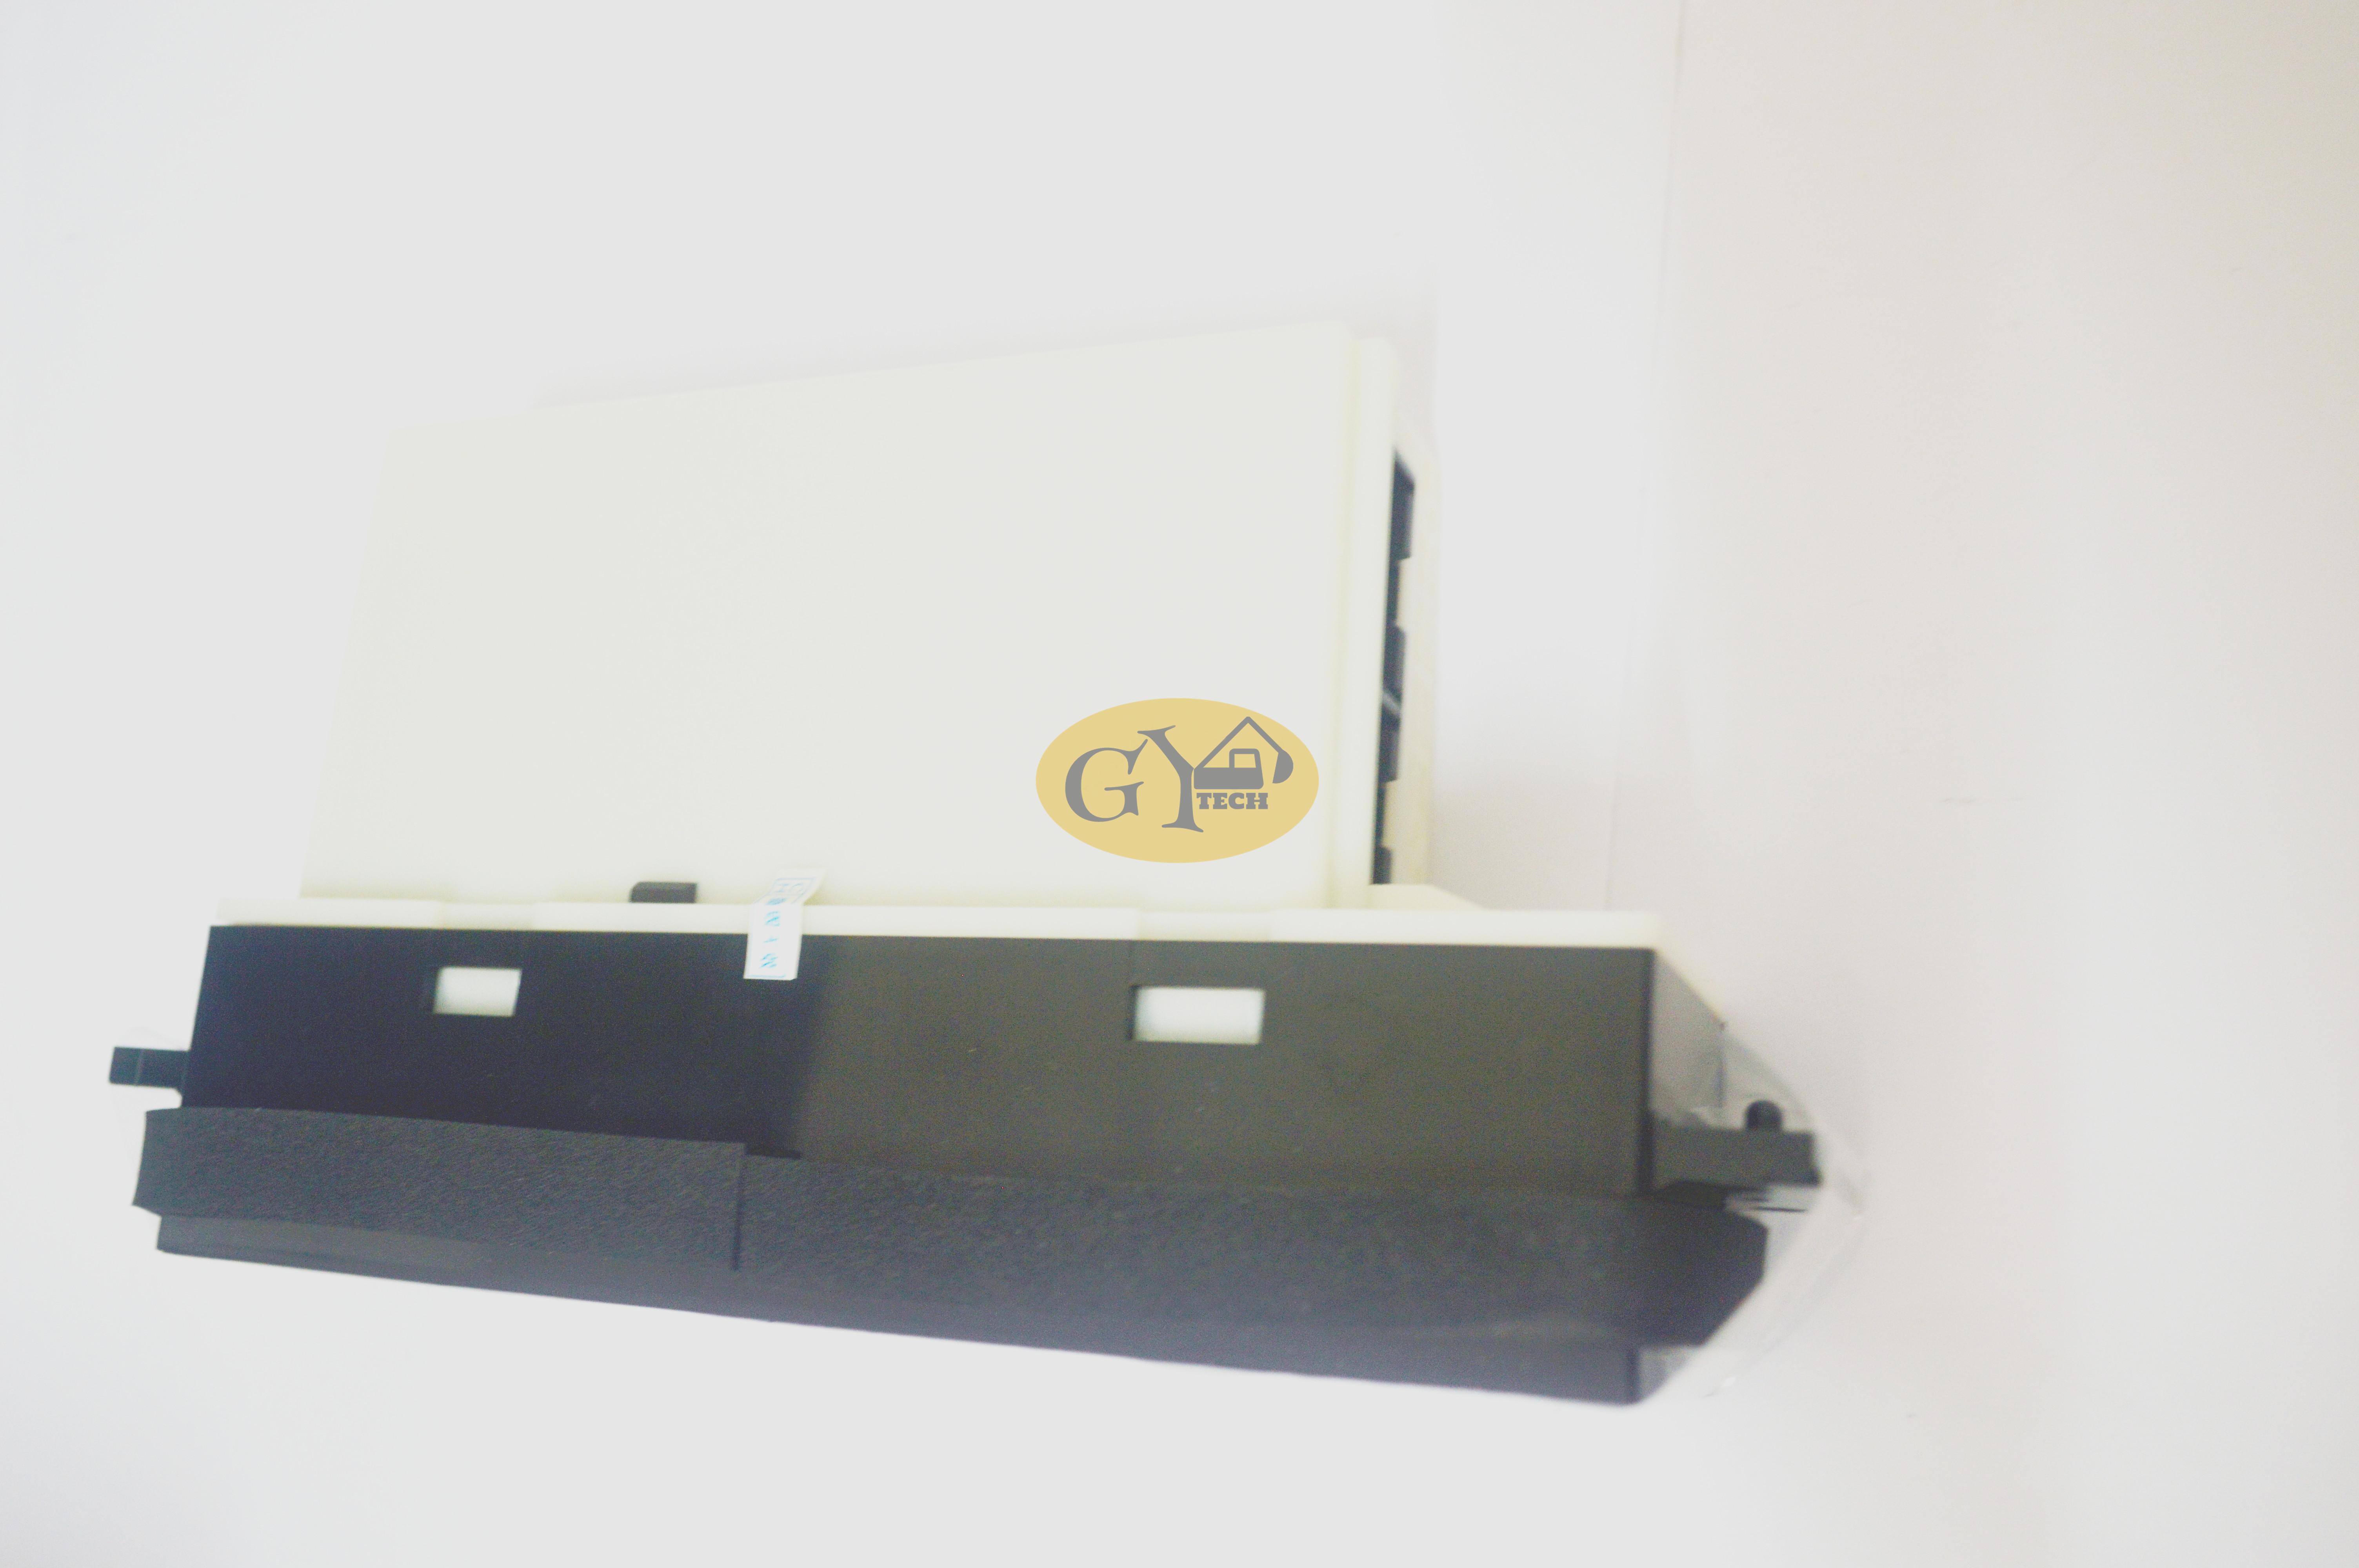 PC200 7 146570 2510 237040 0021 AC CONTROLLER 6 - PC200-7 Air Conditioner Controller Denso 146570-2510 237040-0290 for Komatsu